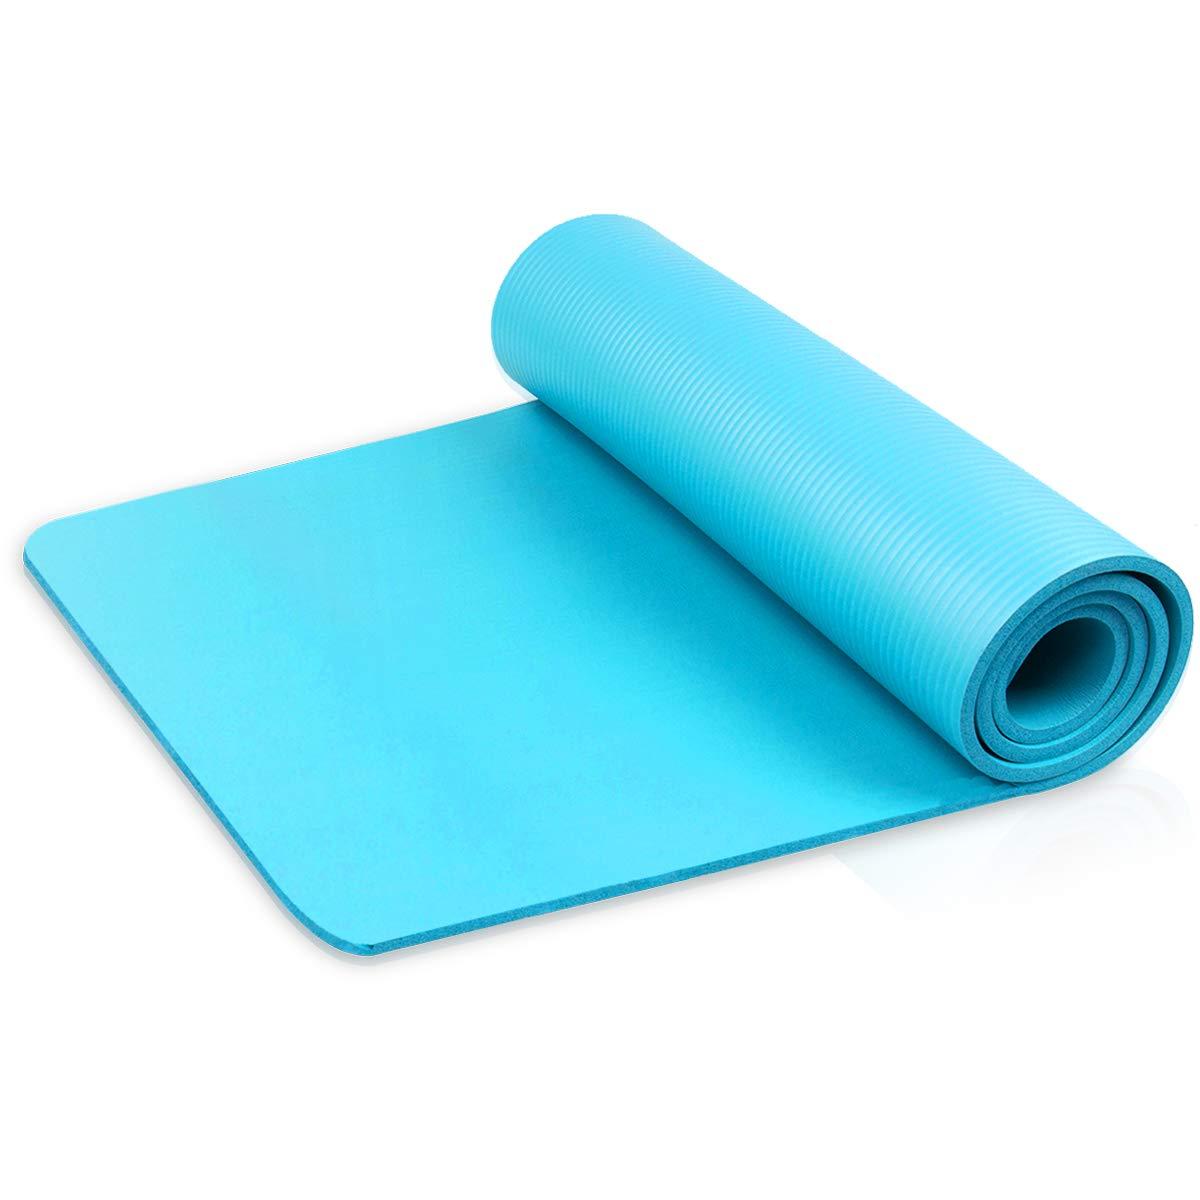 diMio - Esterilla para Yoga/Gimnasia, 185 x 60 cm, en 2 grosores y 6 Colores, sin ftalatos + con certificación SGS